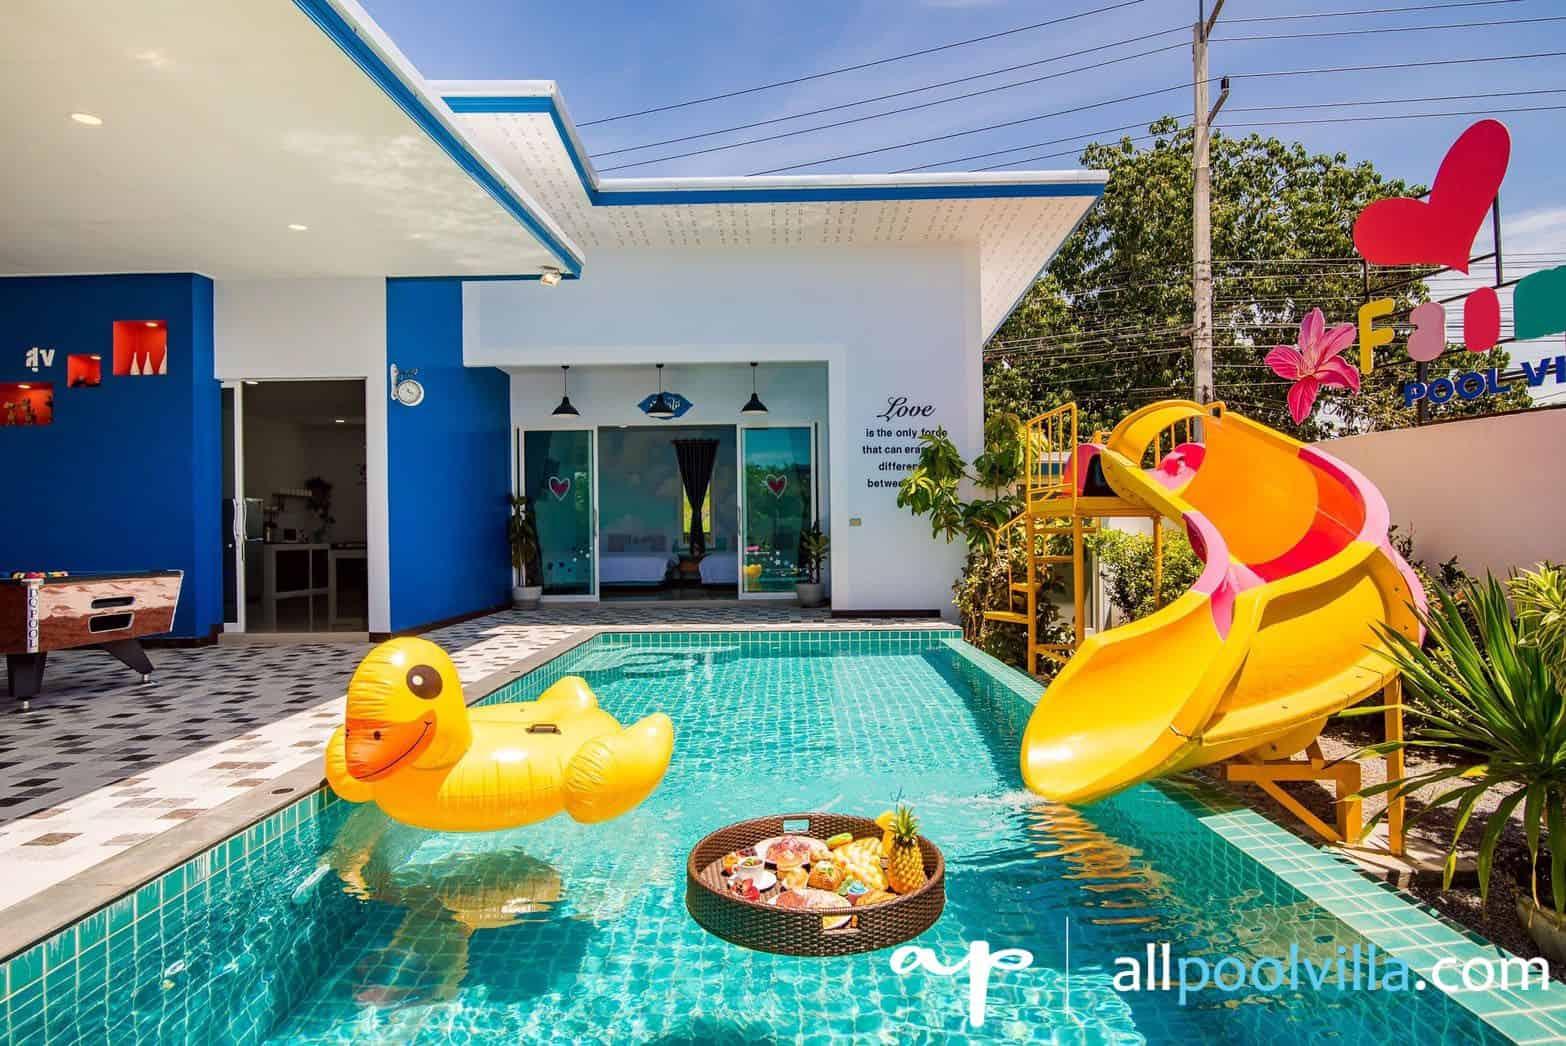 บรรยากาศบ้านพัก Happiness-2 Pool Villa หัวหิน-1